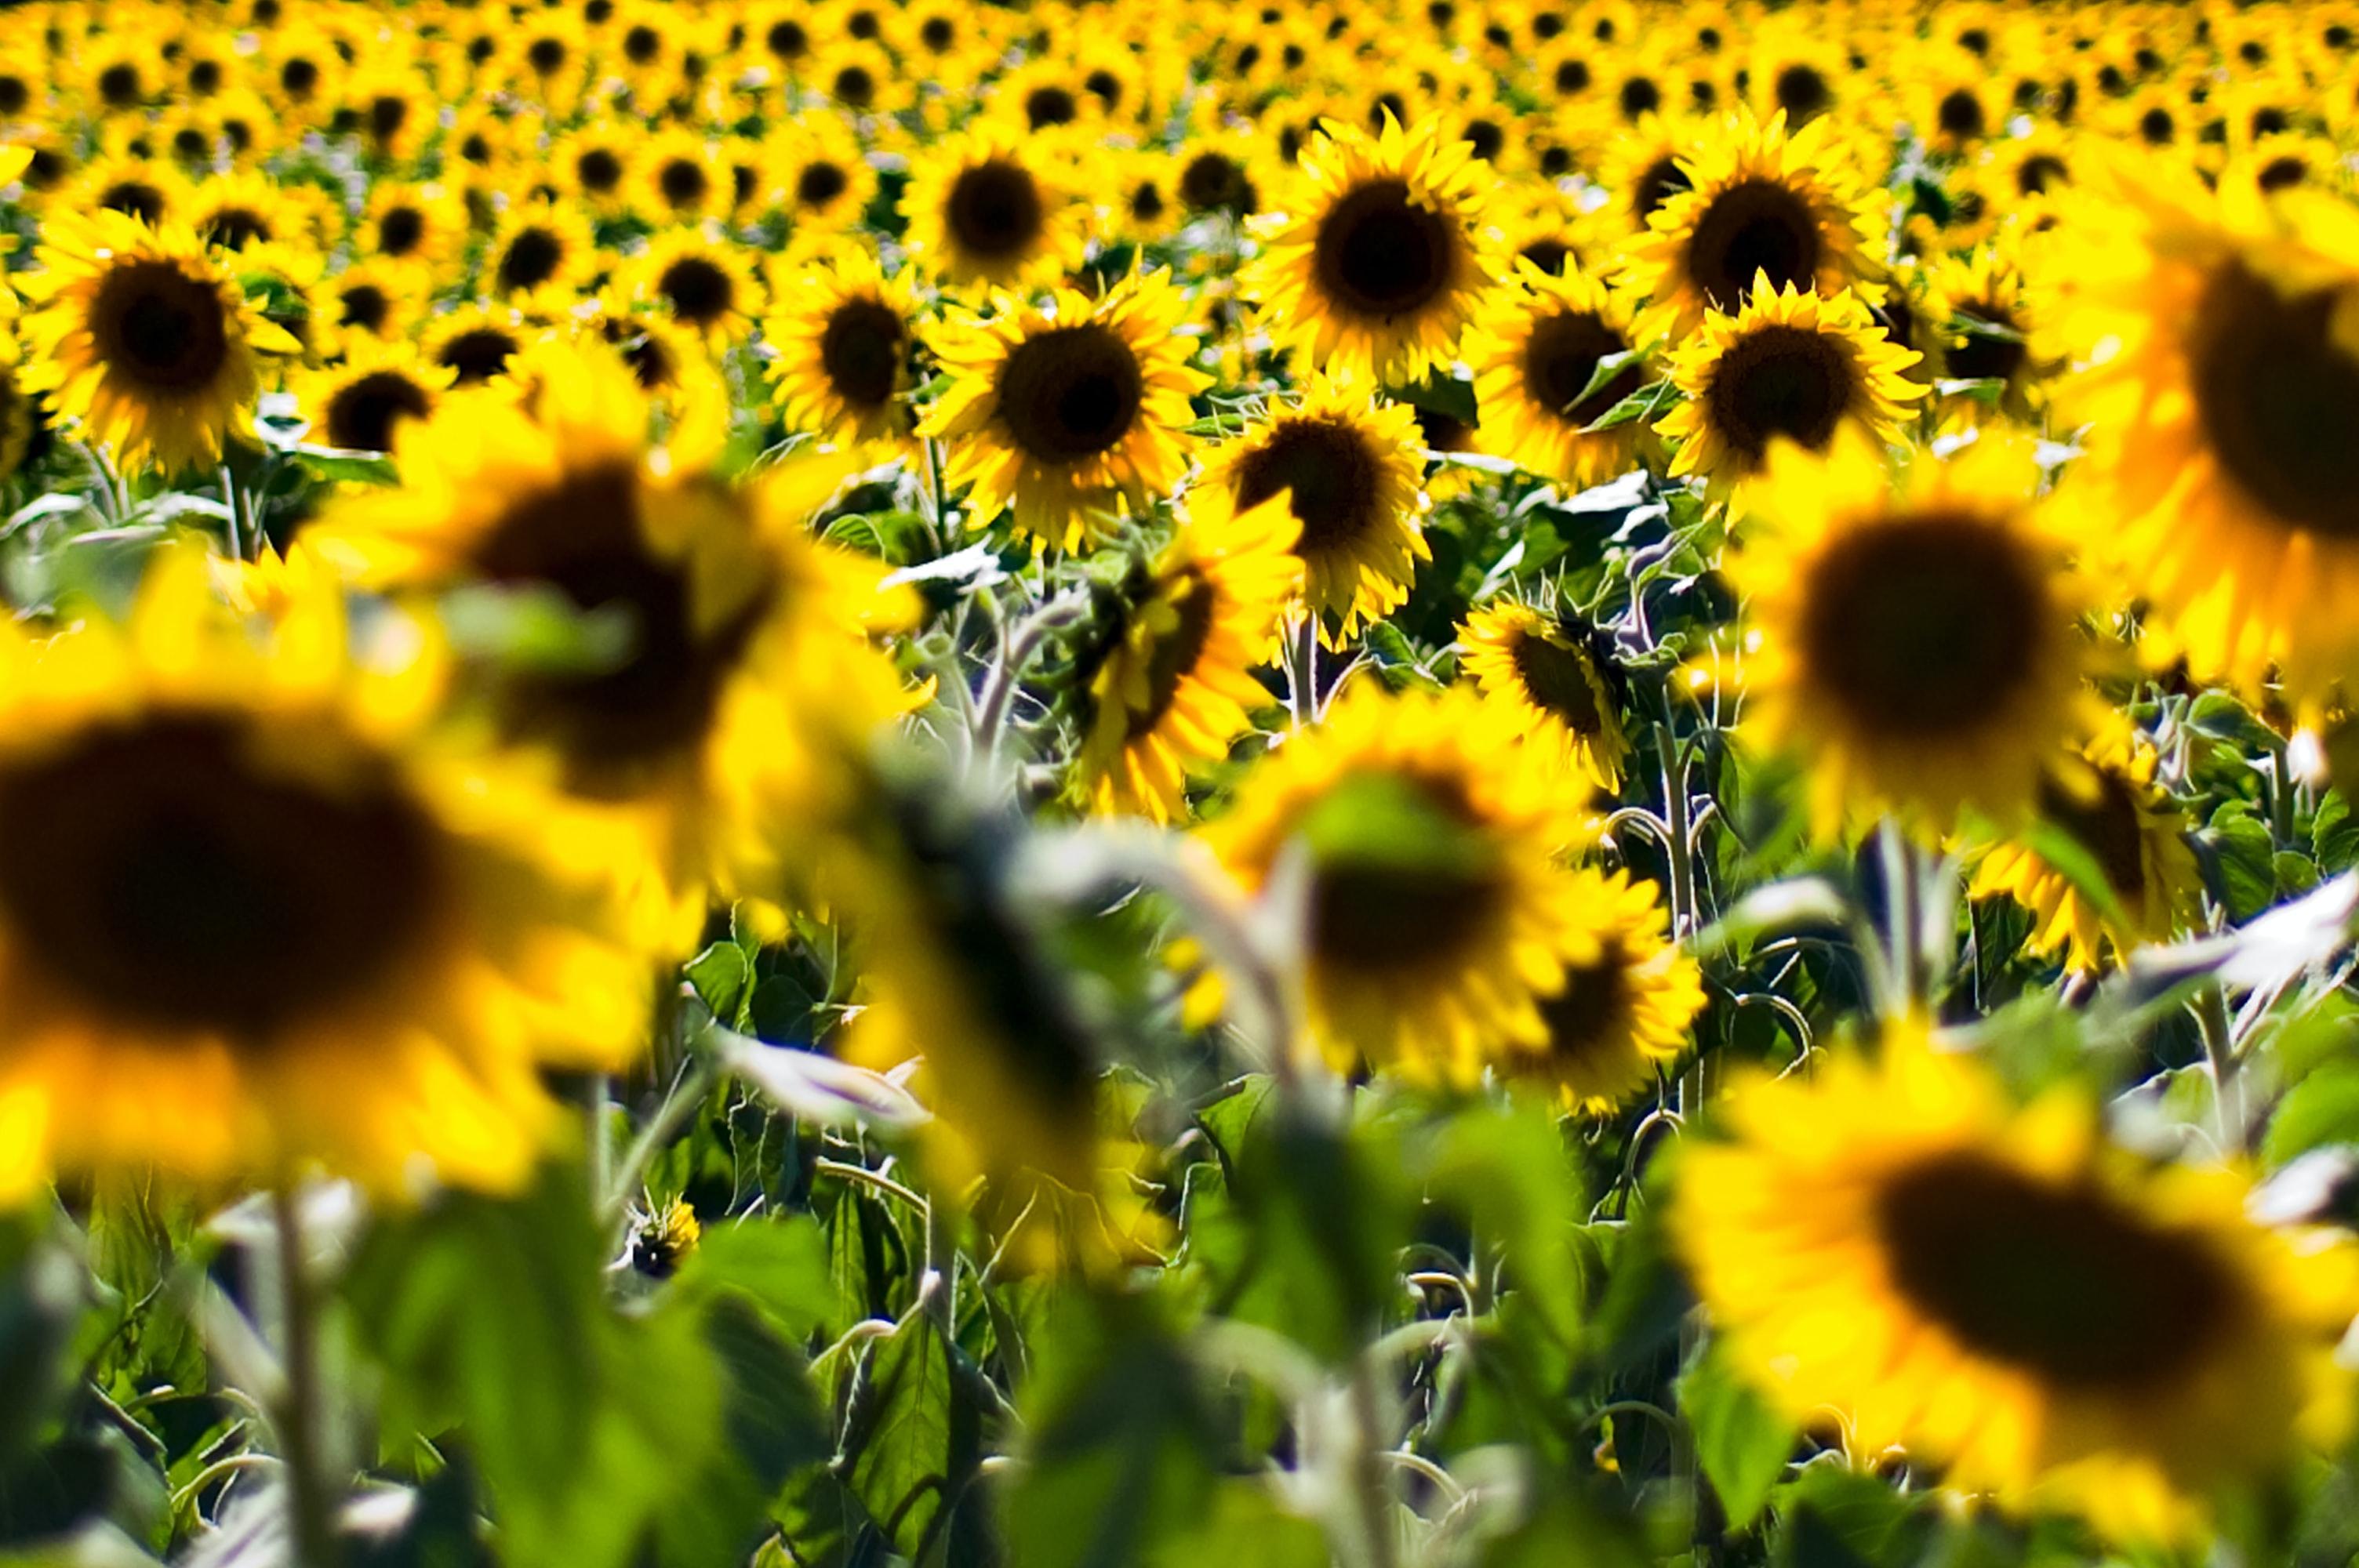 140737 скачать обои Цветы, Растение, Поле, Желтый, Подсолнухи - заставки и картинки бесплатно